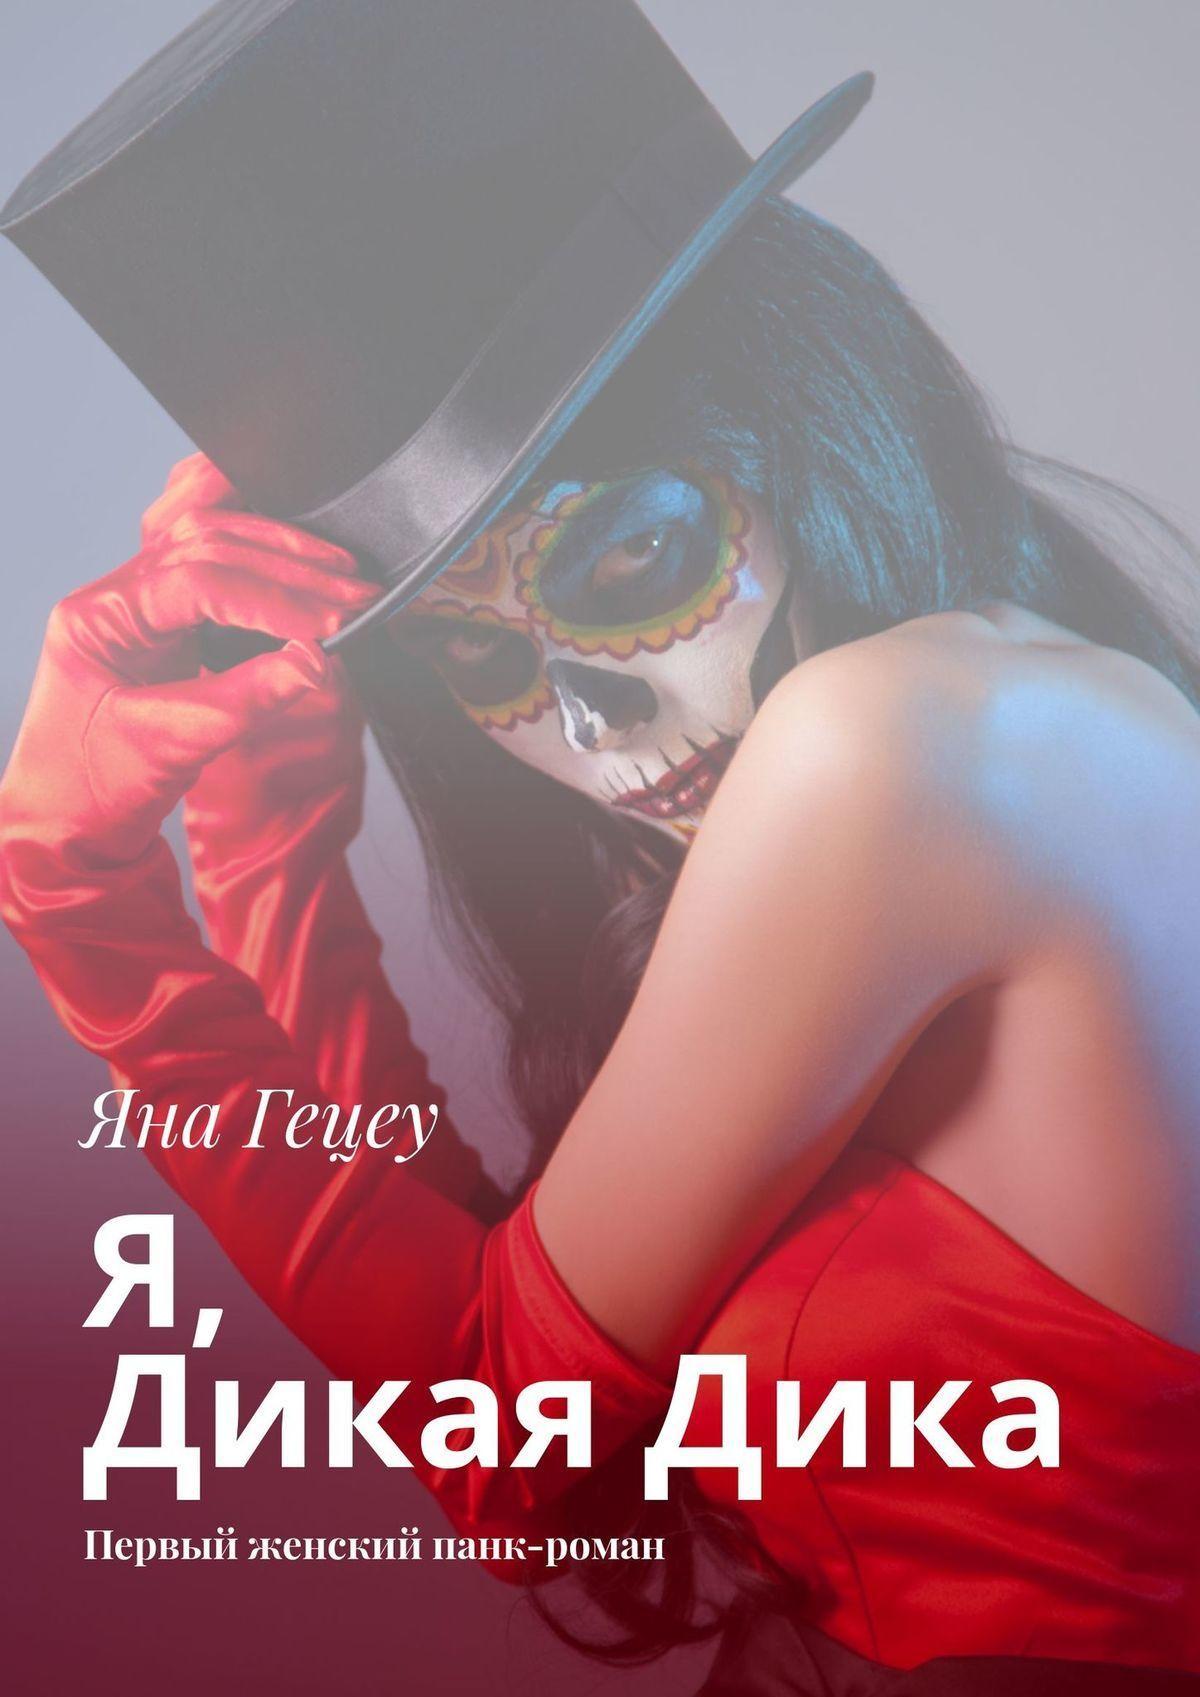 Яна Гецеу - Я, Дикая Дика. Первый женский панк-роман